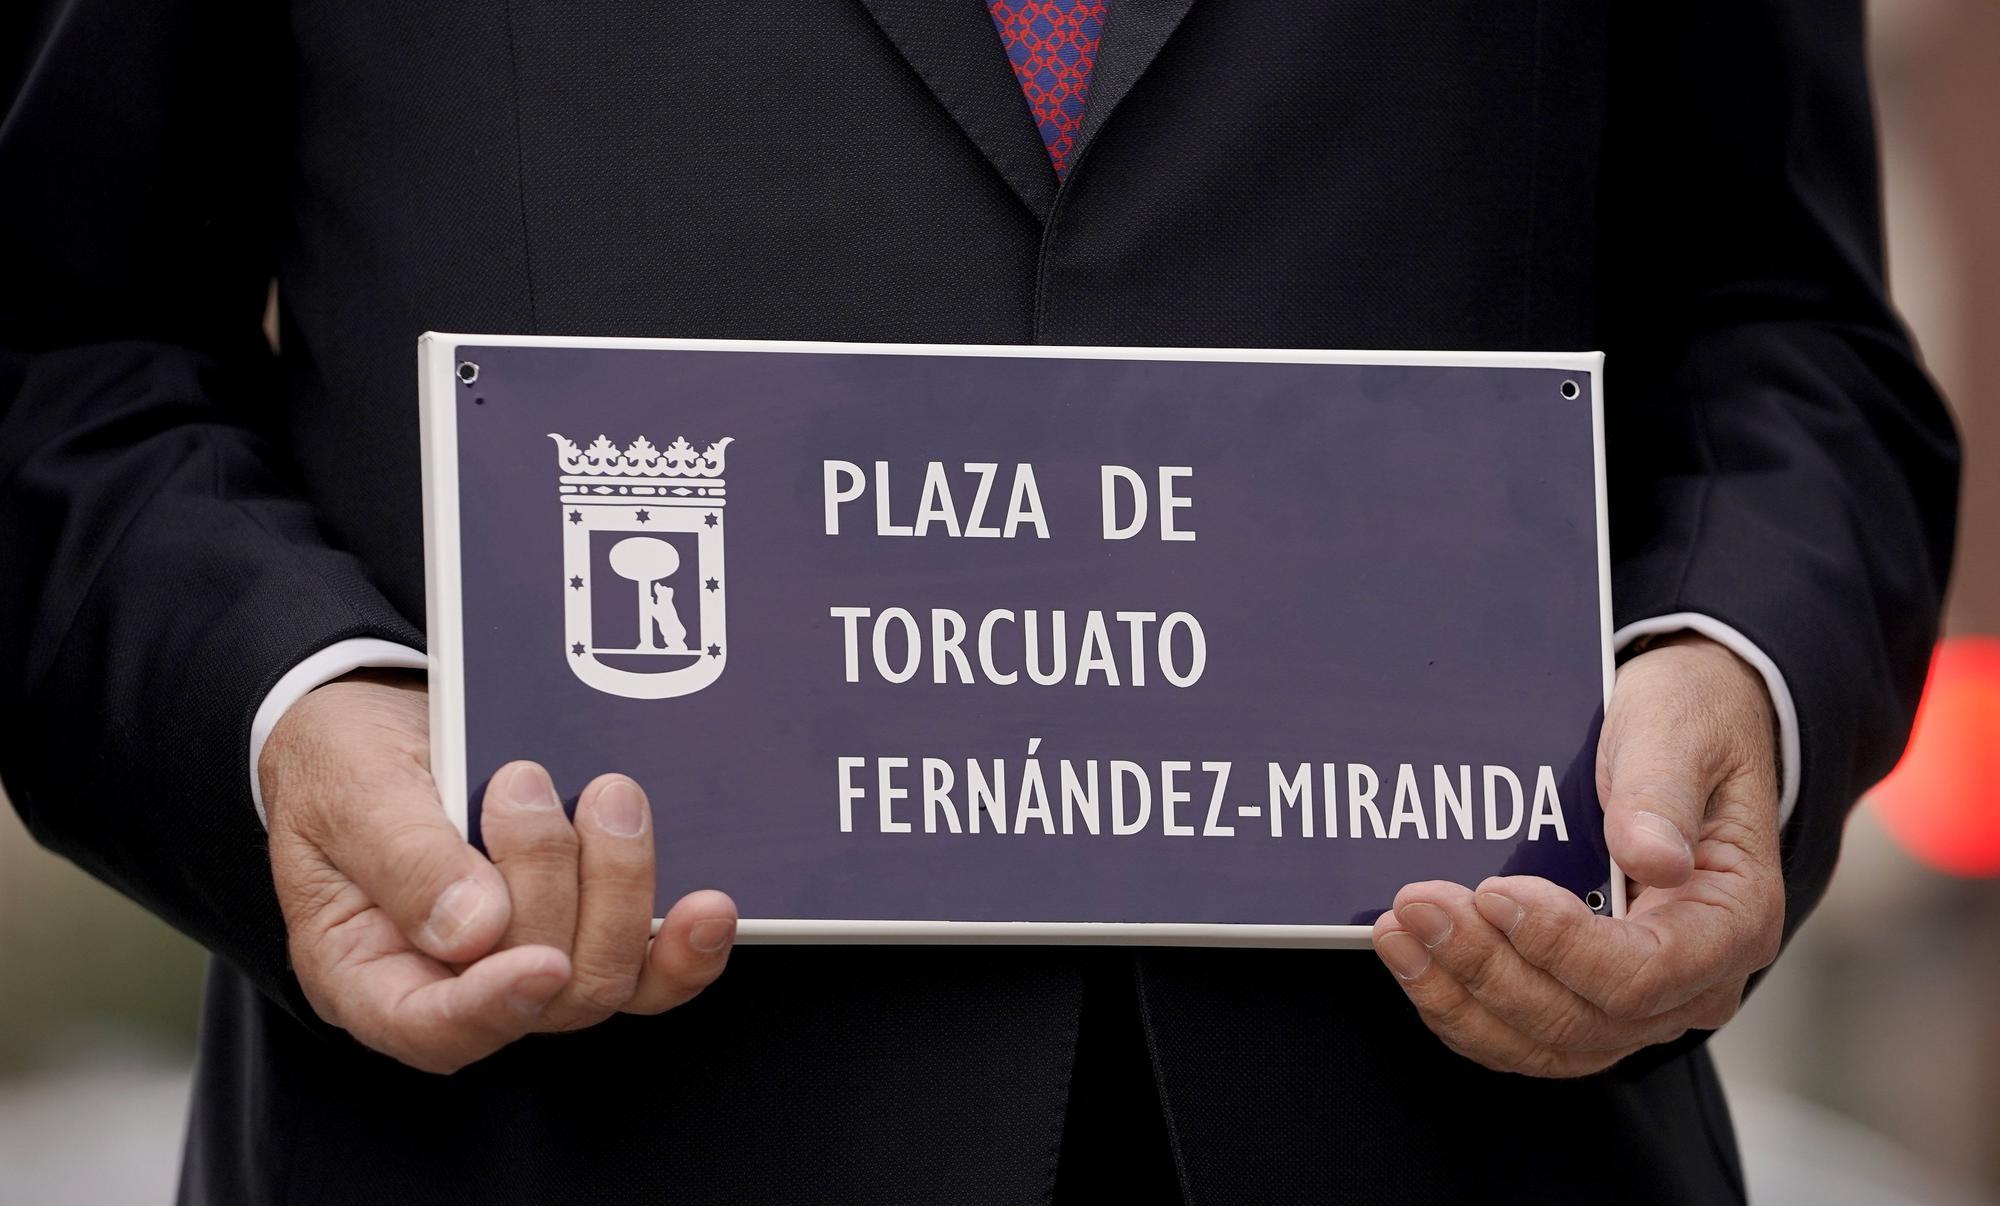 Homenaje en Madrid a Torcuato Fernández-Miranda con la concesión de una plaza en Fuencarral